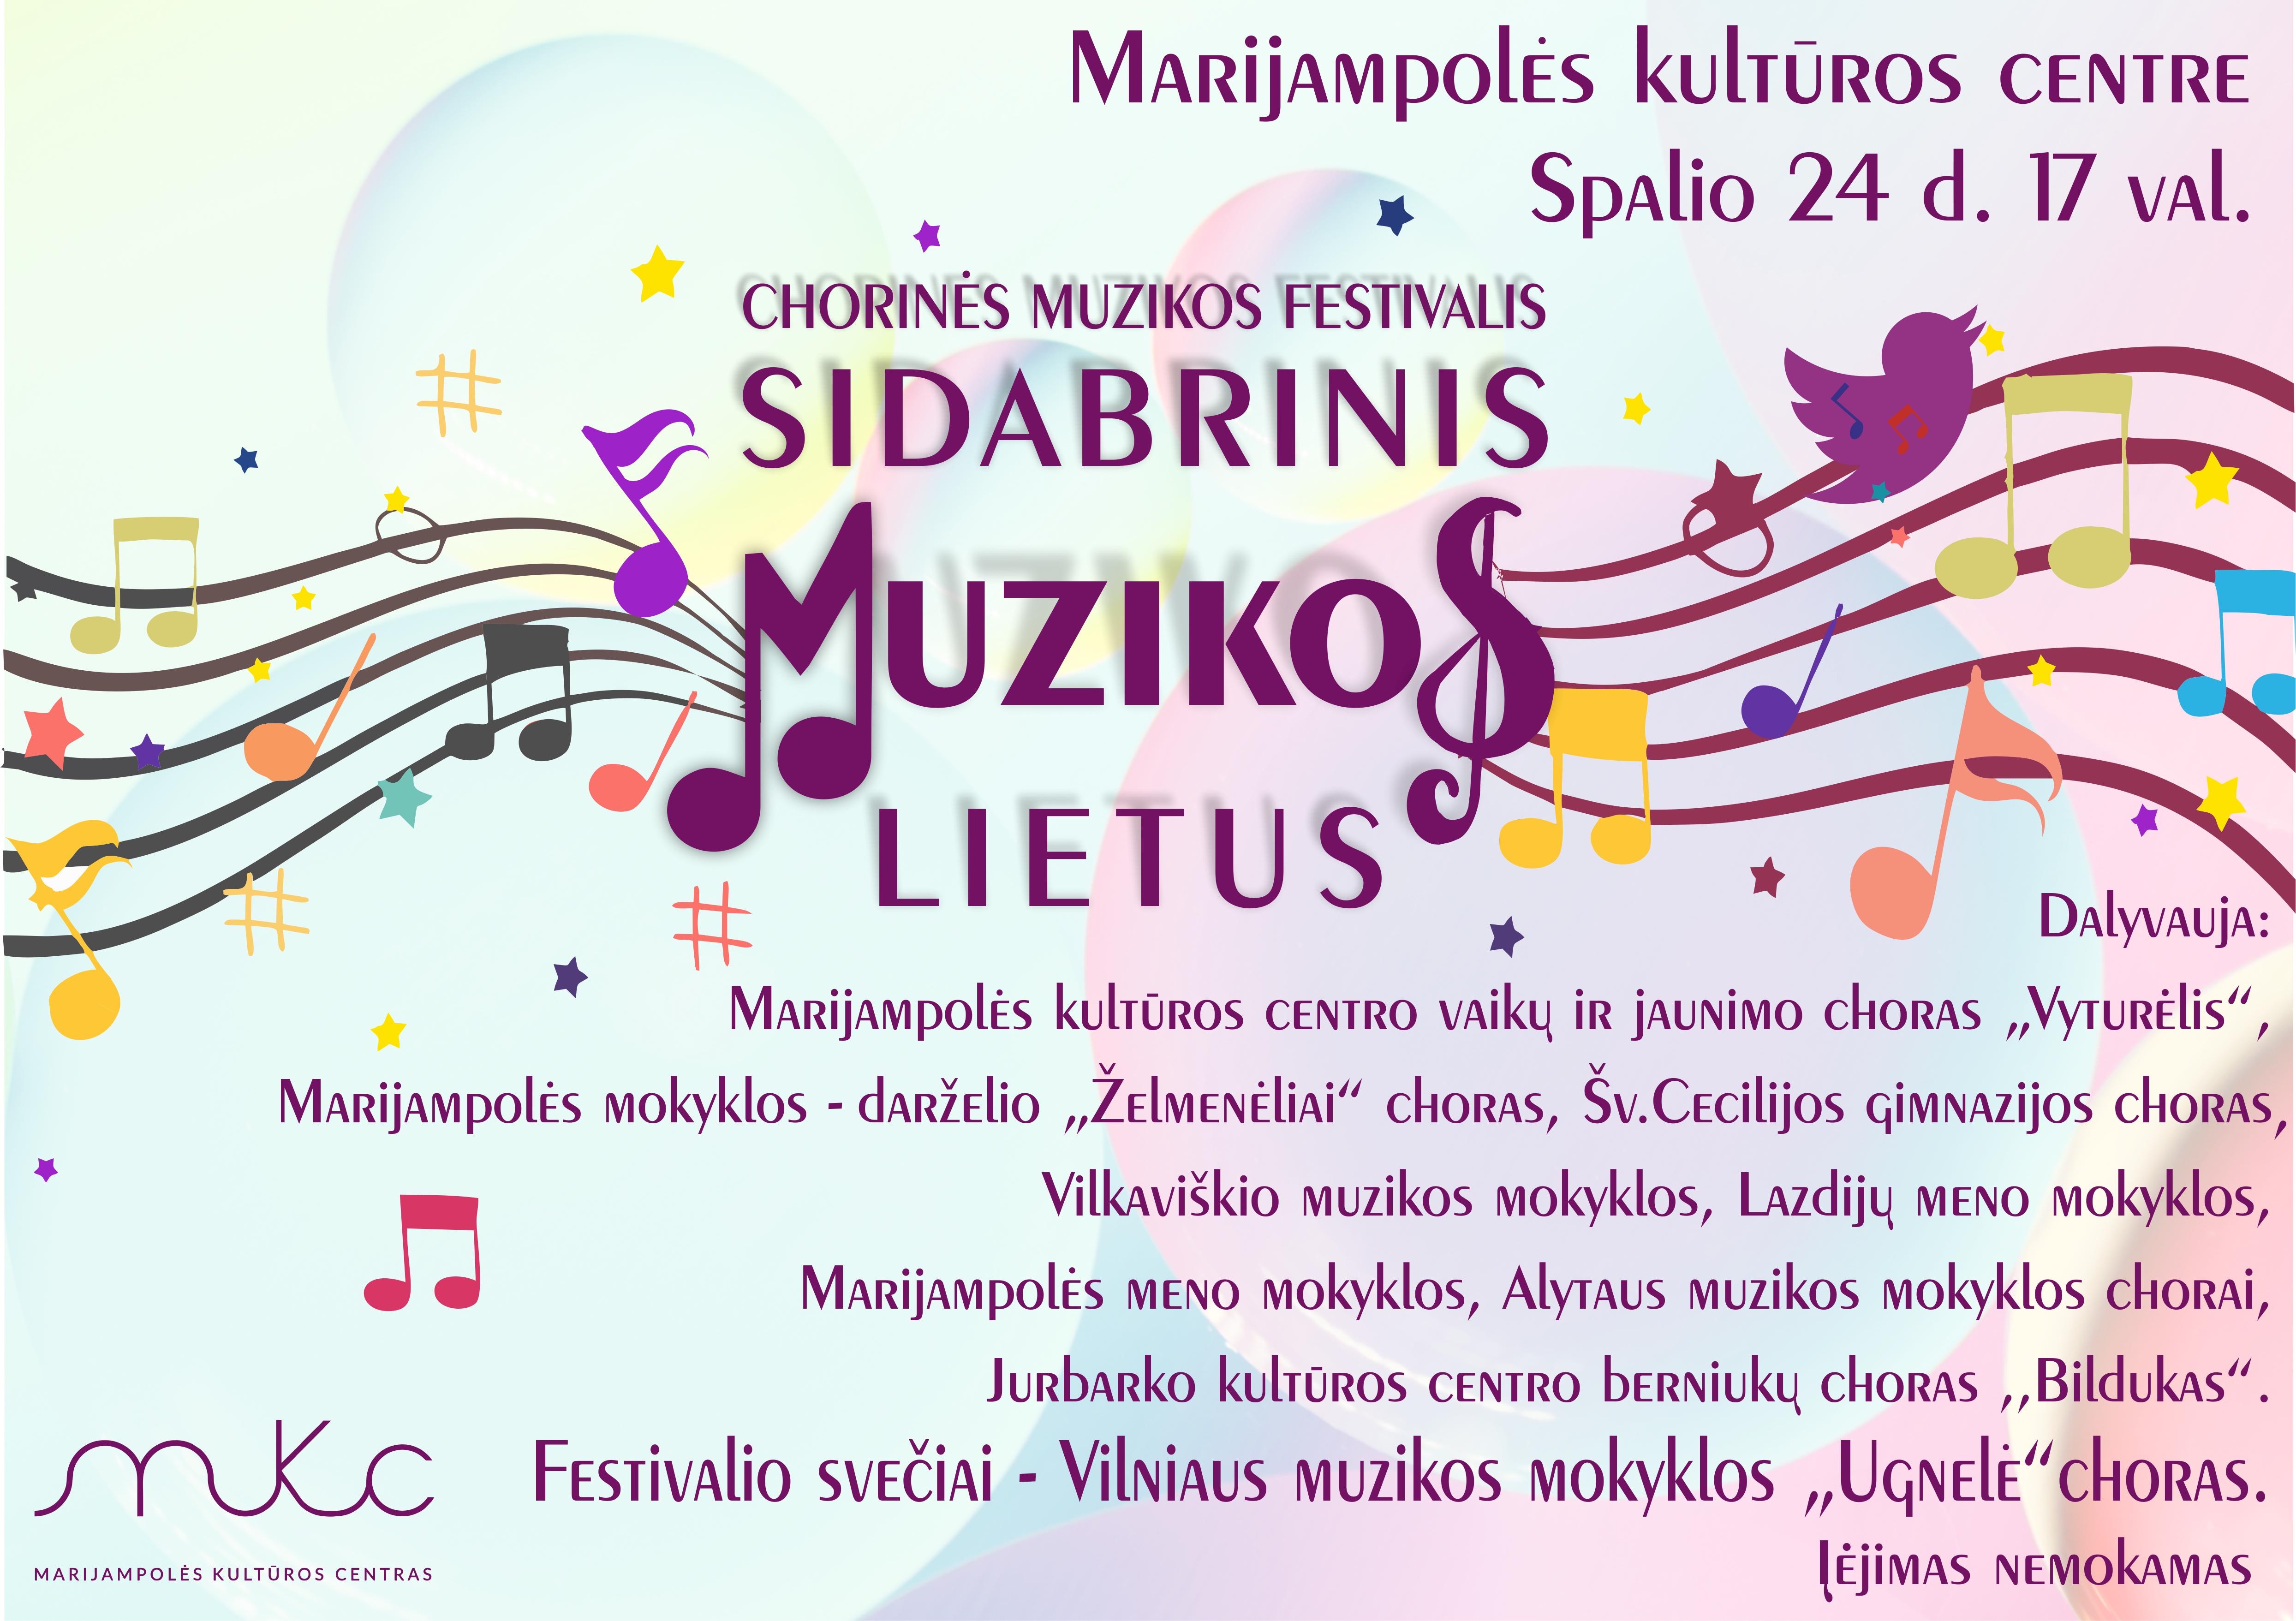 Chorinės muzikos festivalis